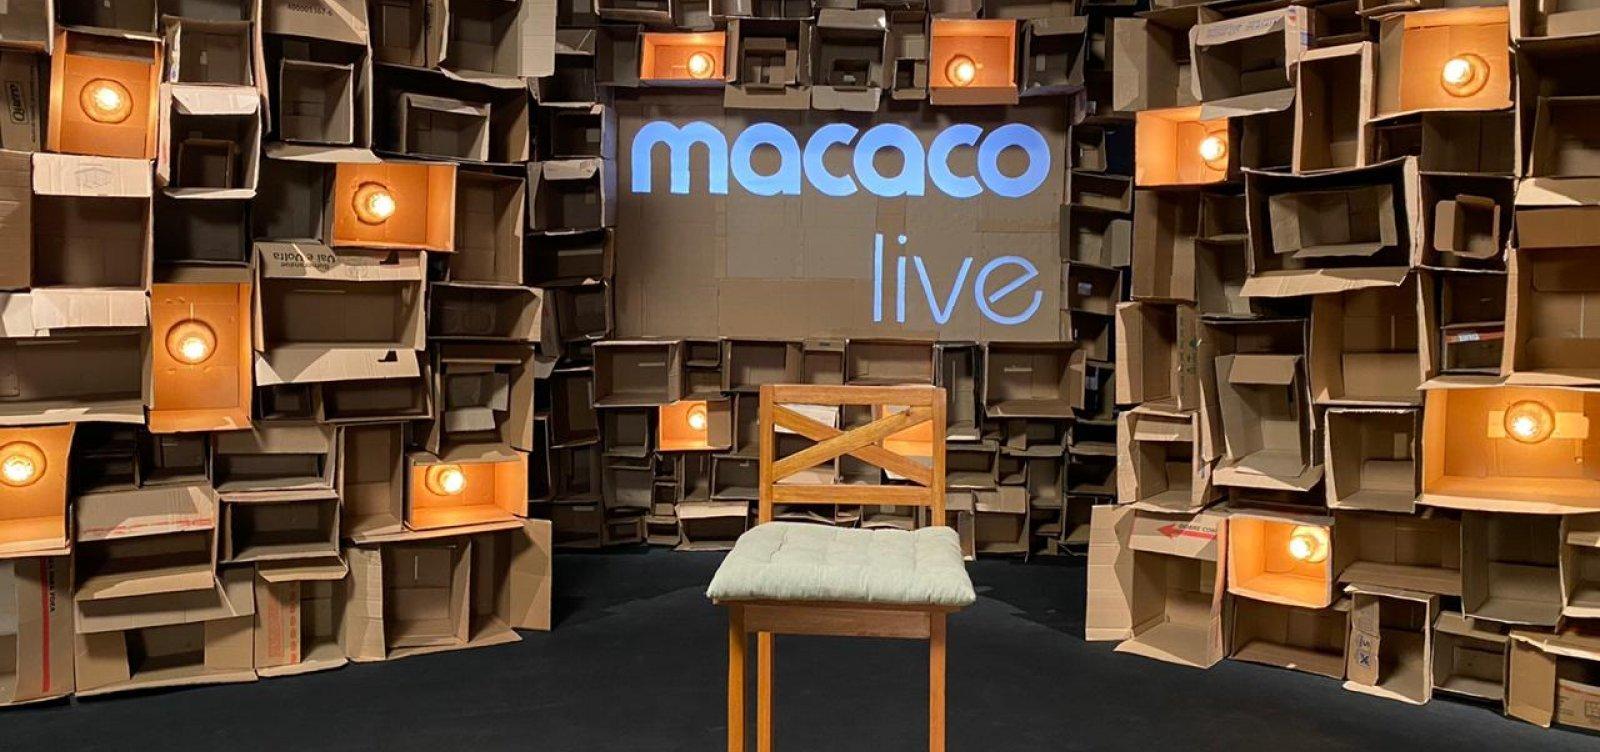 [Chegou a vez do arrocha: Macaco Live recebe Pablo hoje]